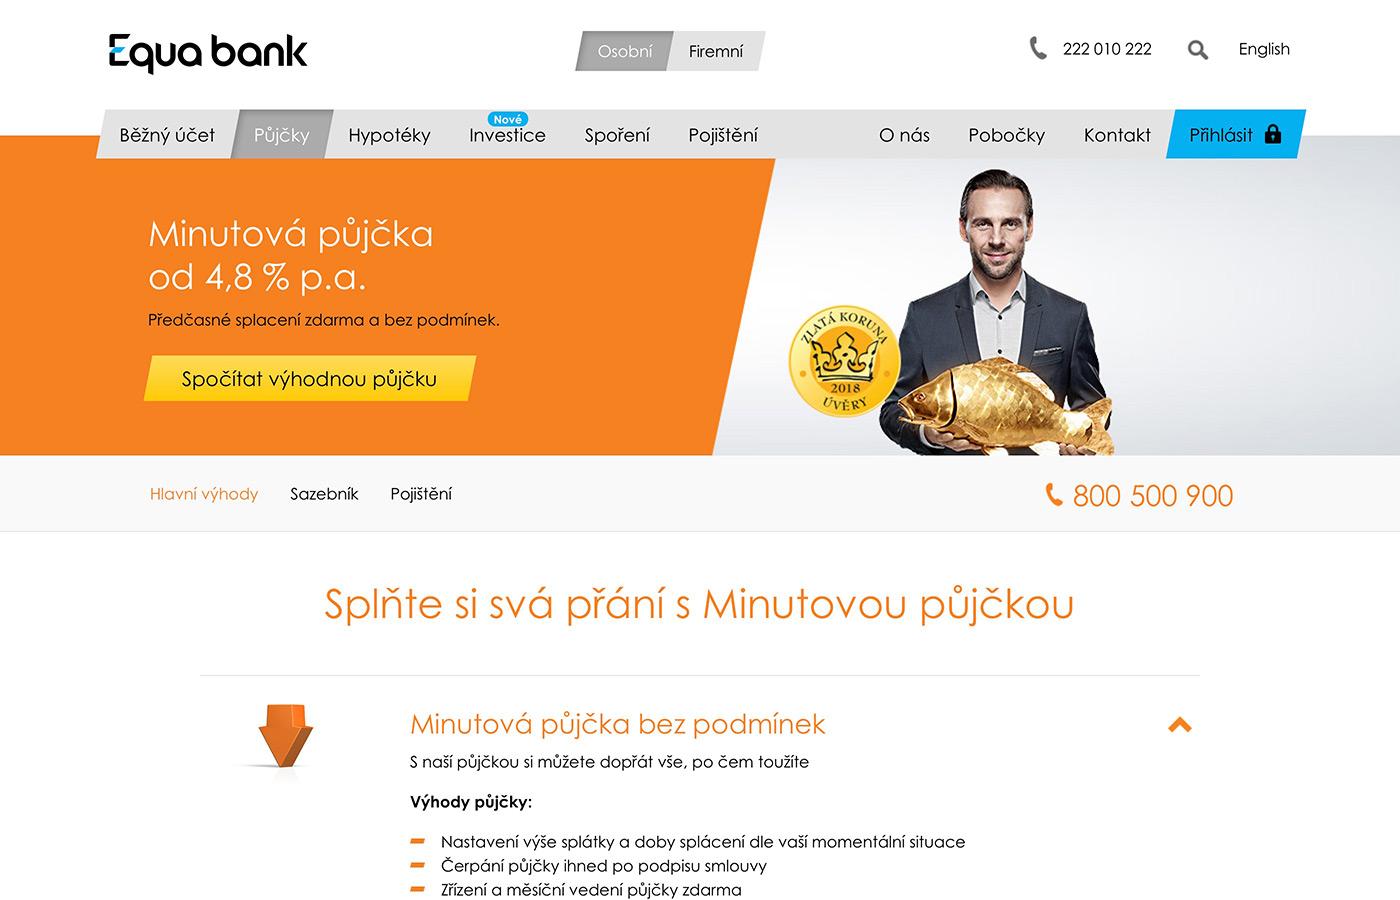 Náhled webových stránek www.equabank.cz/pujcky/pujcka